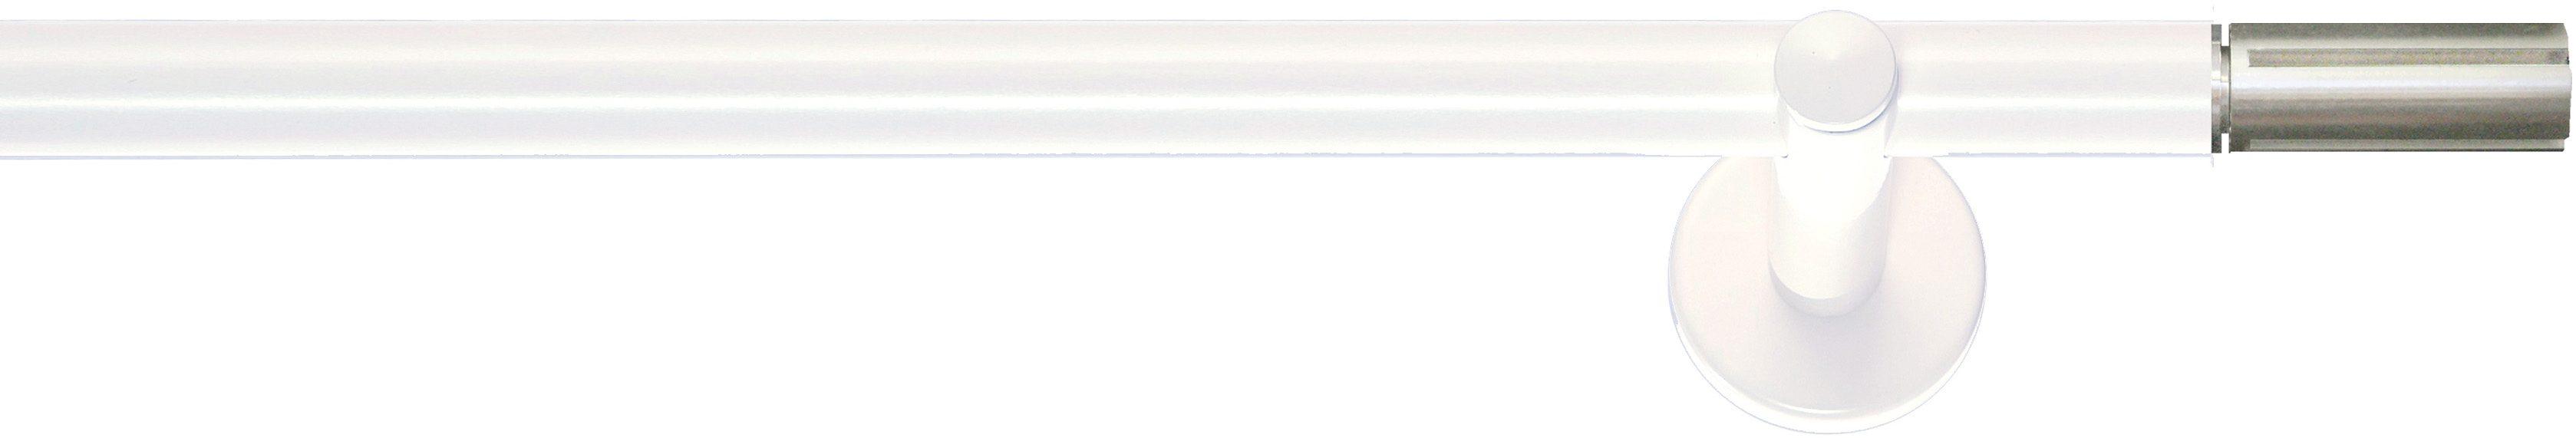 Gardinenstange, Indeko, »Industrie-Look Houston«, 1-läufig nach Maß ø 20 mm